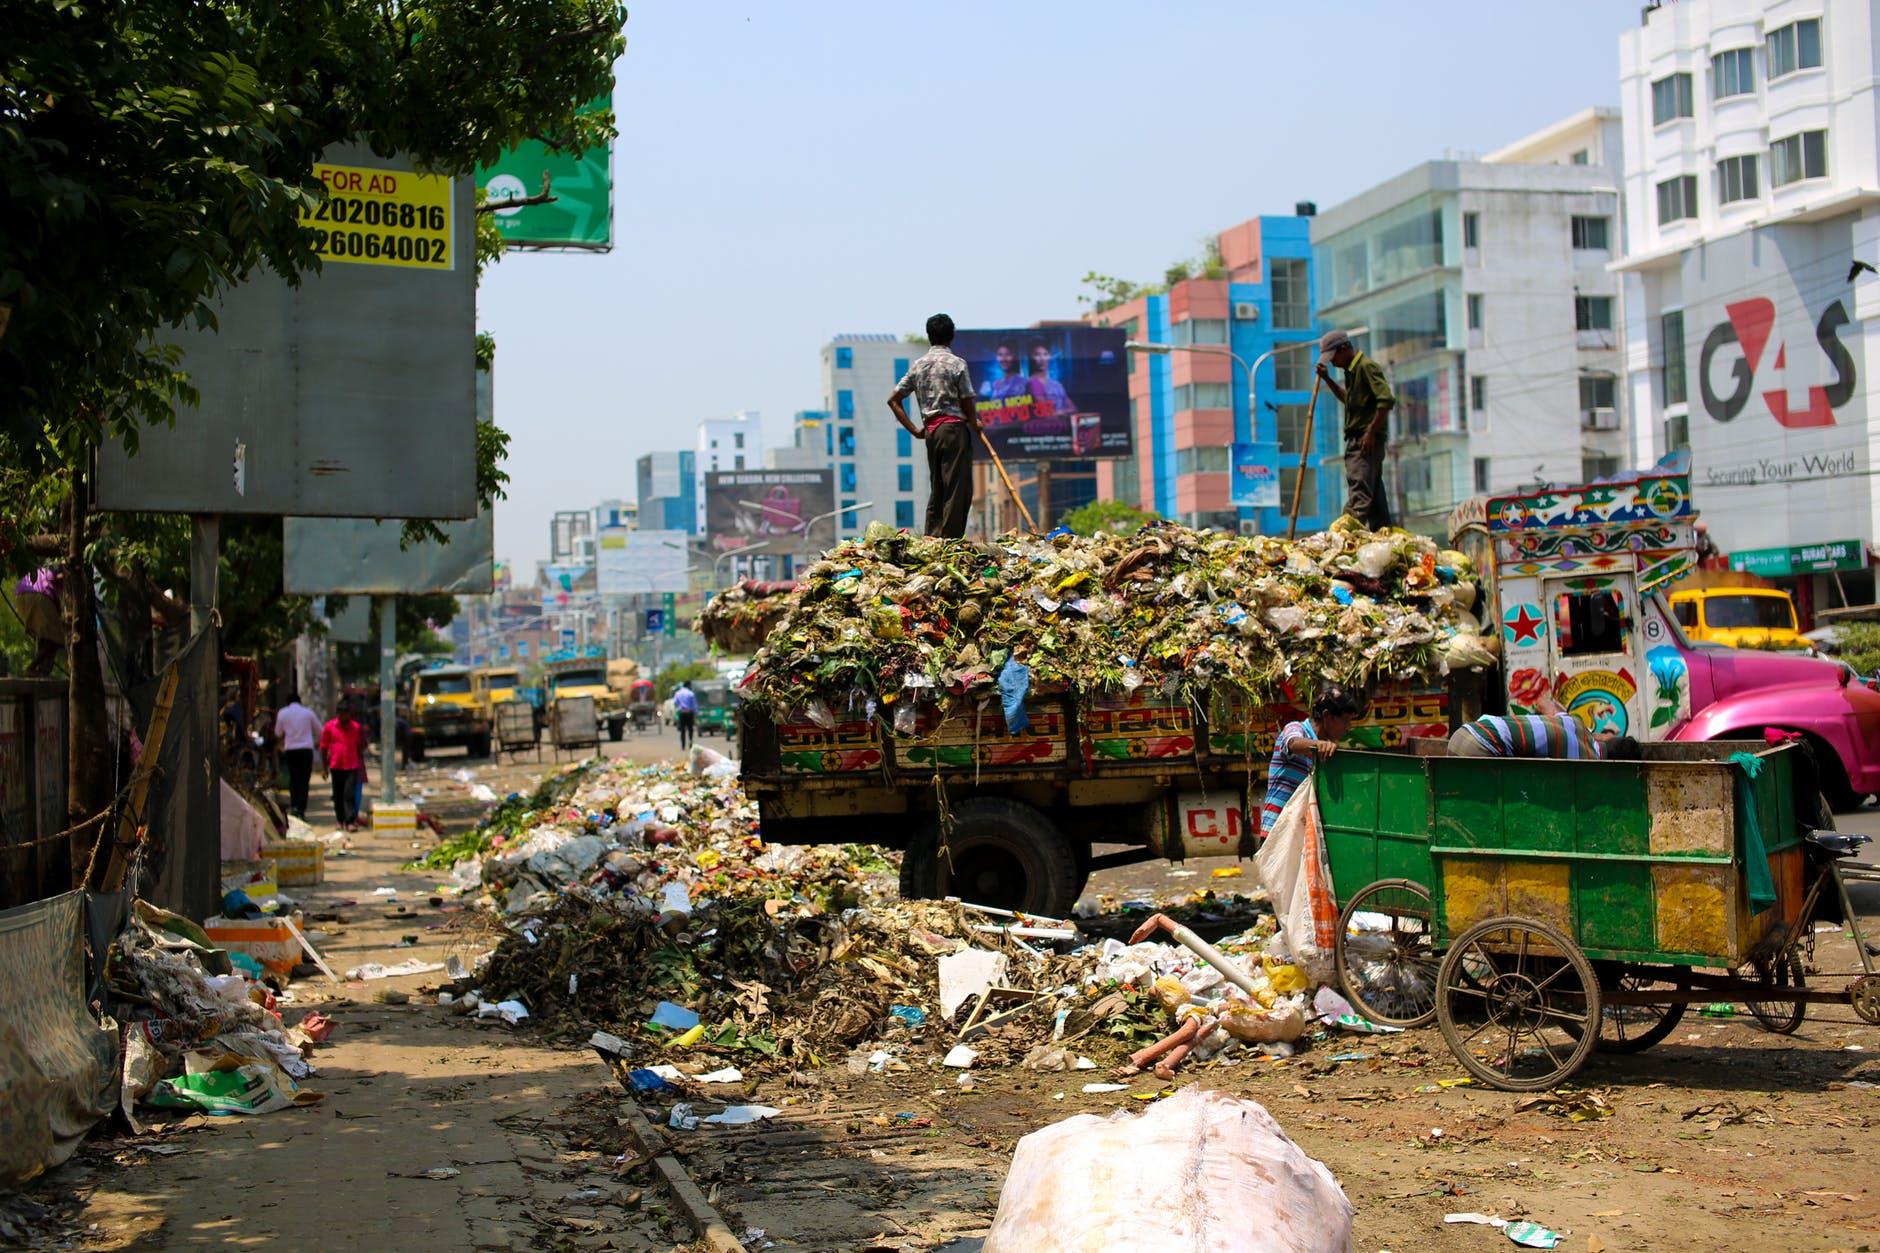 حوار بين شخصين عن رمي النفايات المرسال